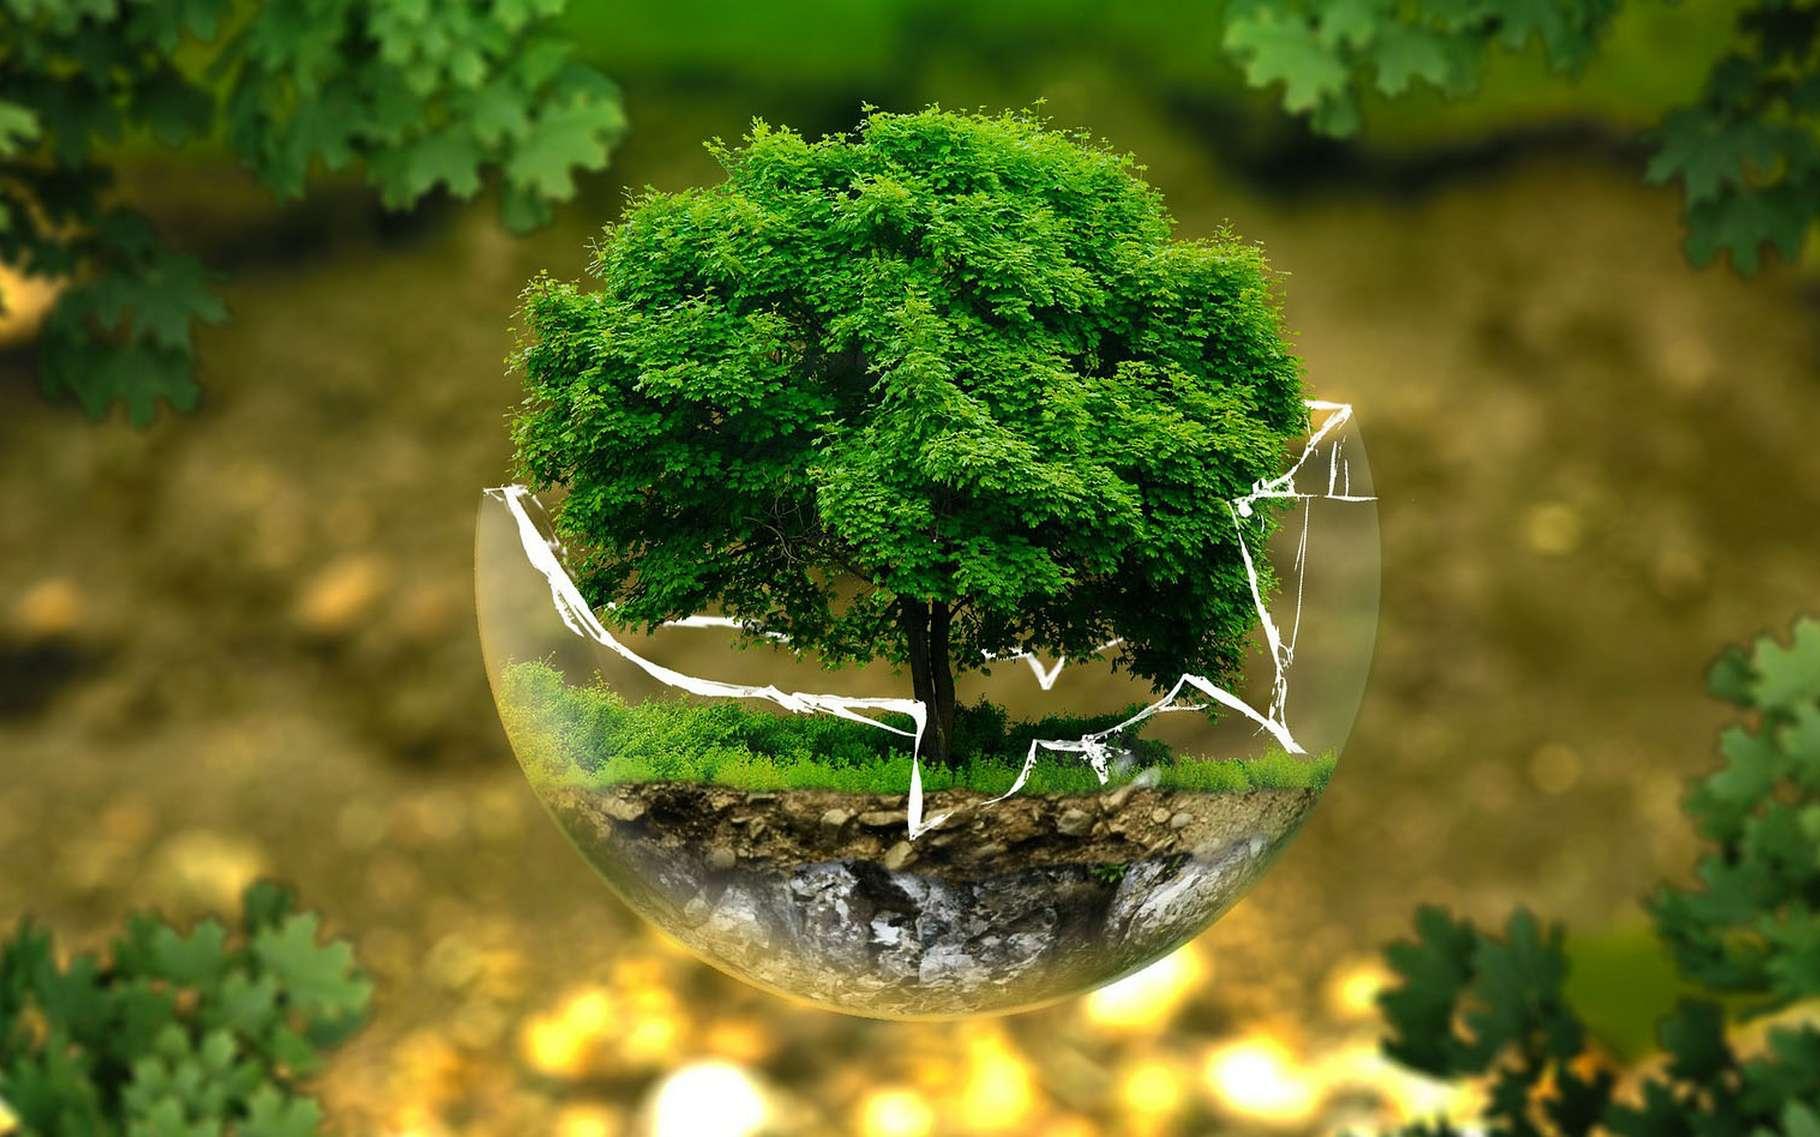 Qu'en est-il aujourd'hui de la Planète ? © Ejaugsburg, Pixabay, DP